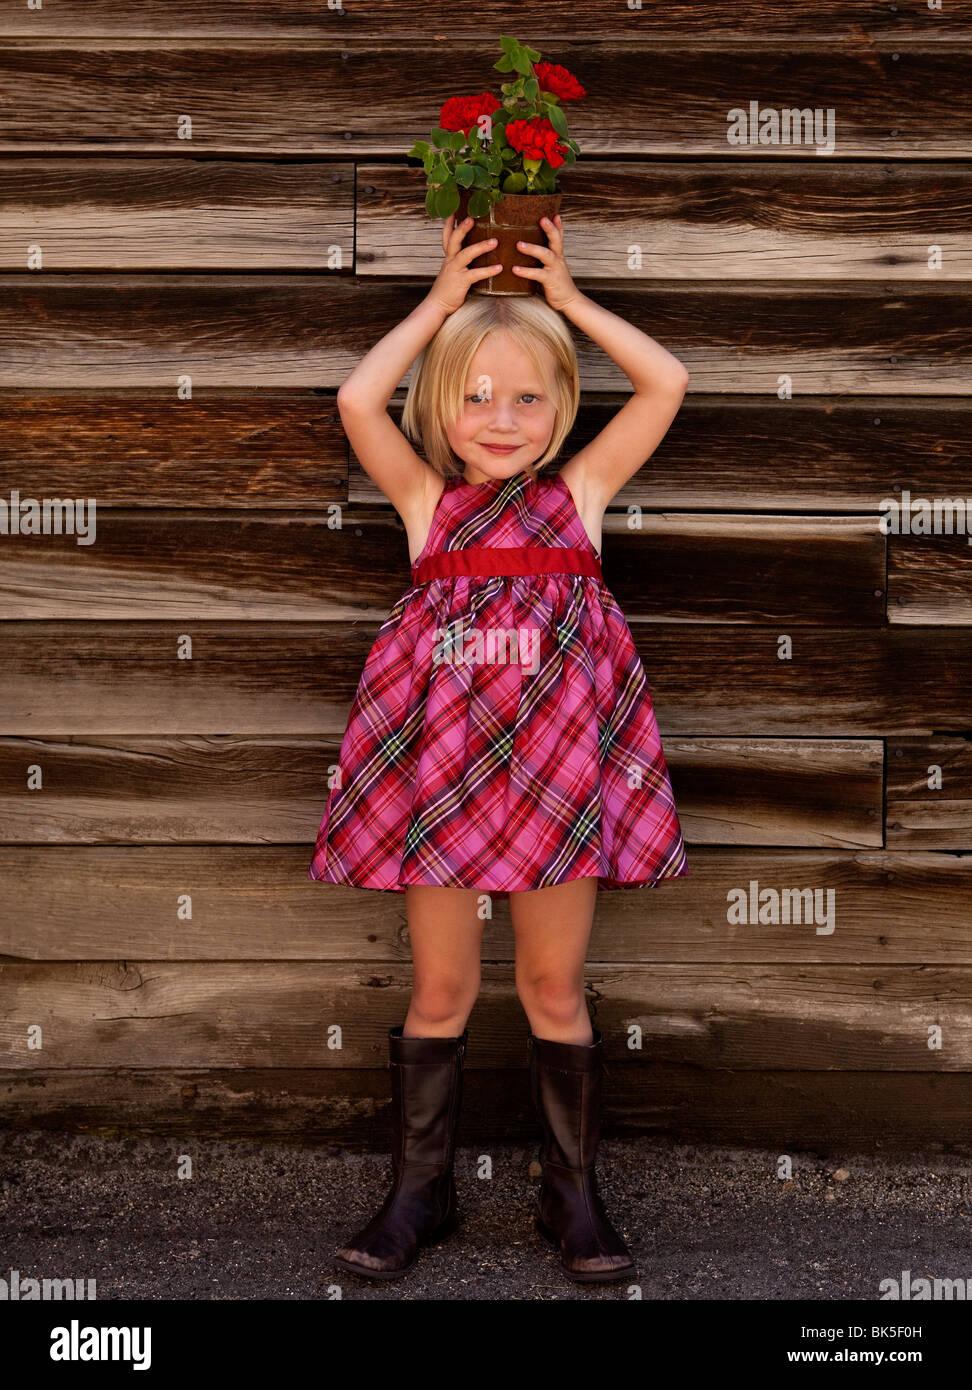 Kleines Mädchen in karierten Kleid mit Topfpflanze auf dem Kopf Stockbild